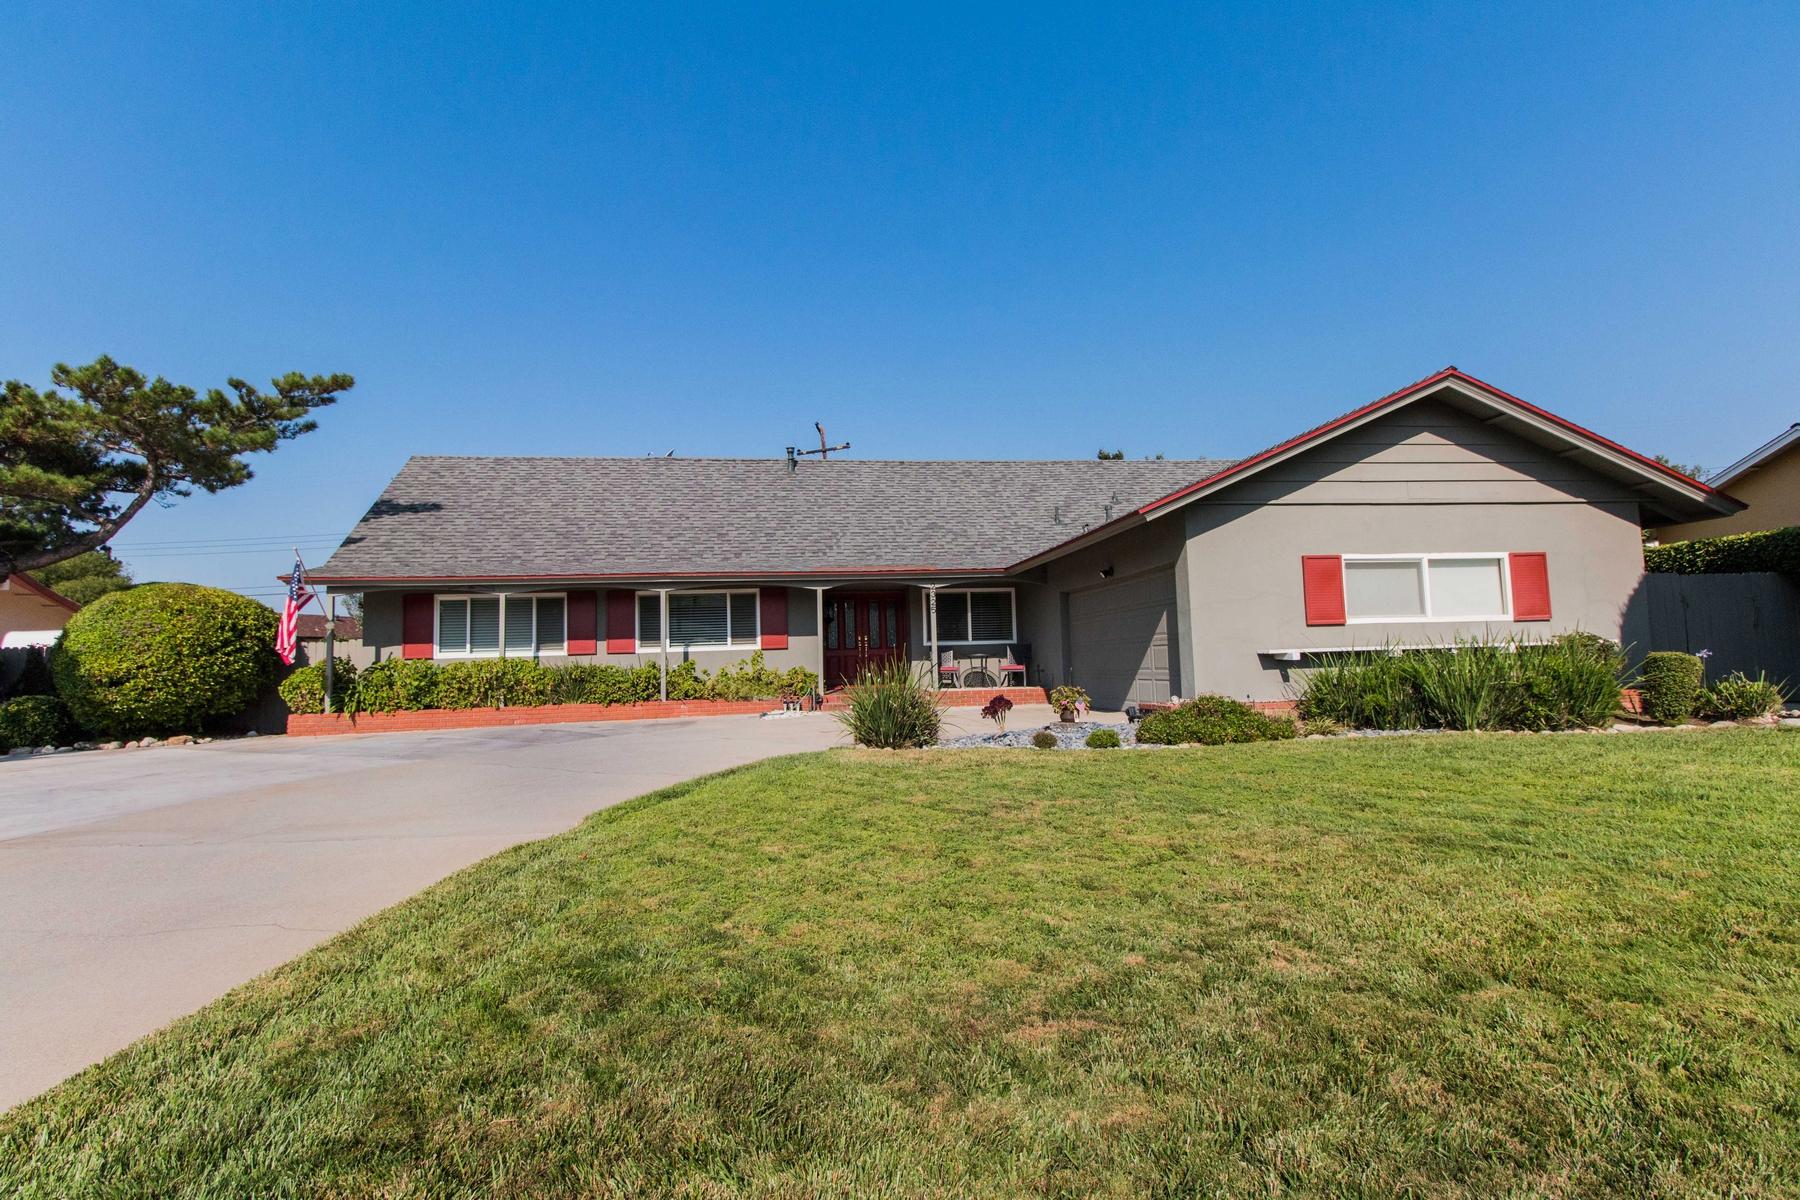 Casa Unifamiliar por un Venta en 2325 W. Silver Tree Road, Claremont Claremont, California 91711 Estados Unidos